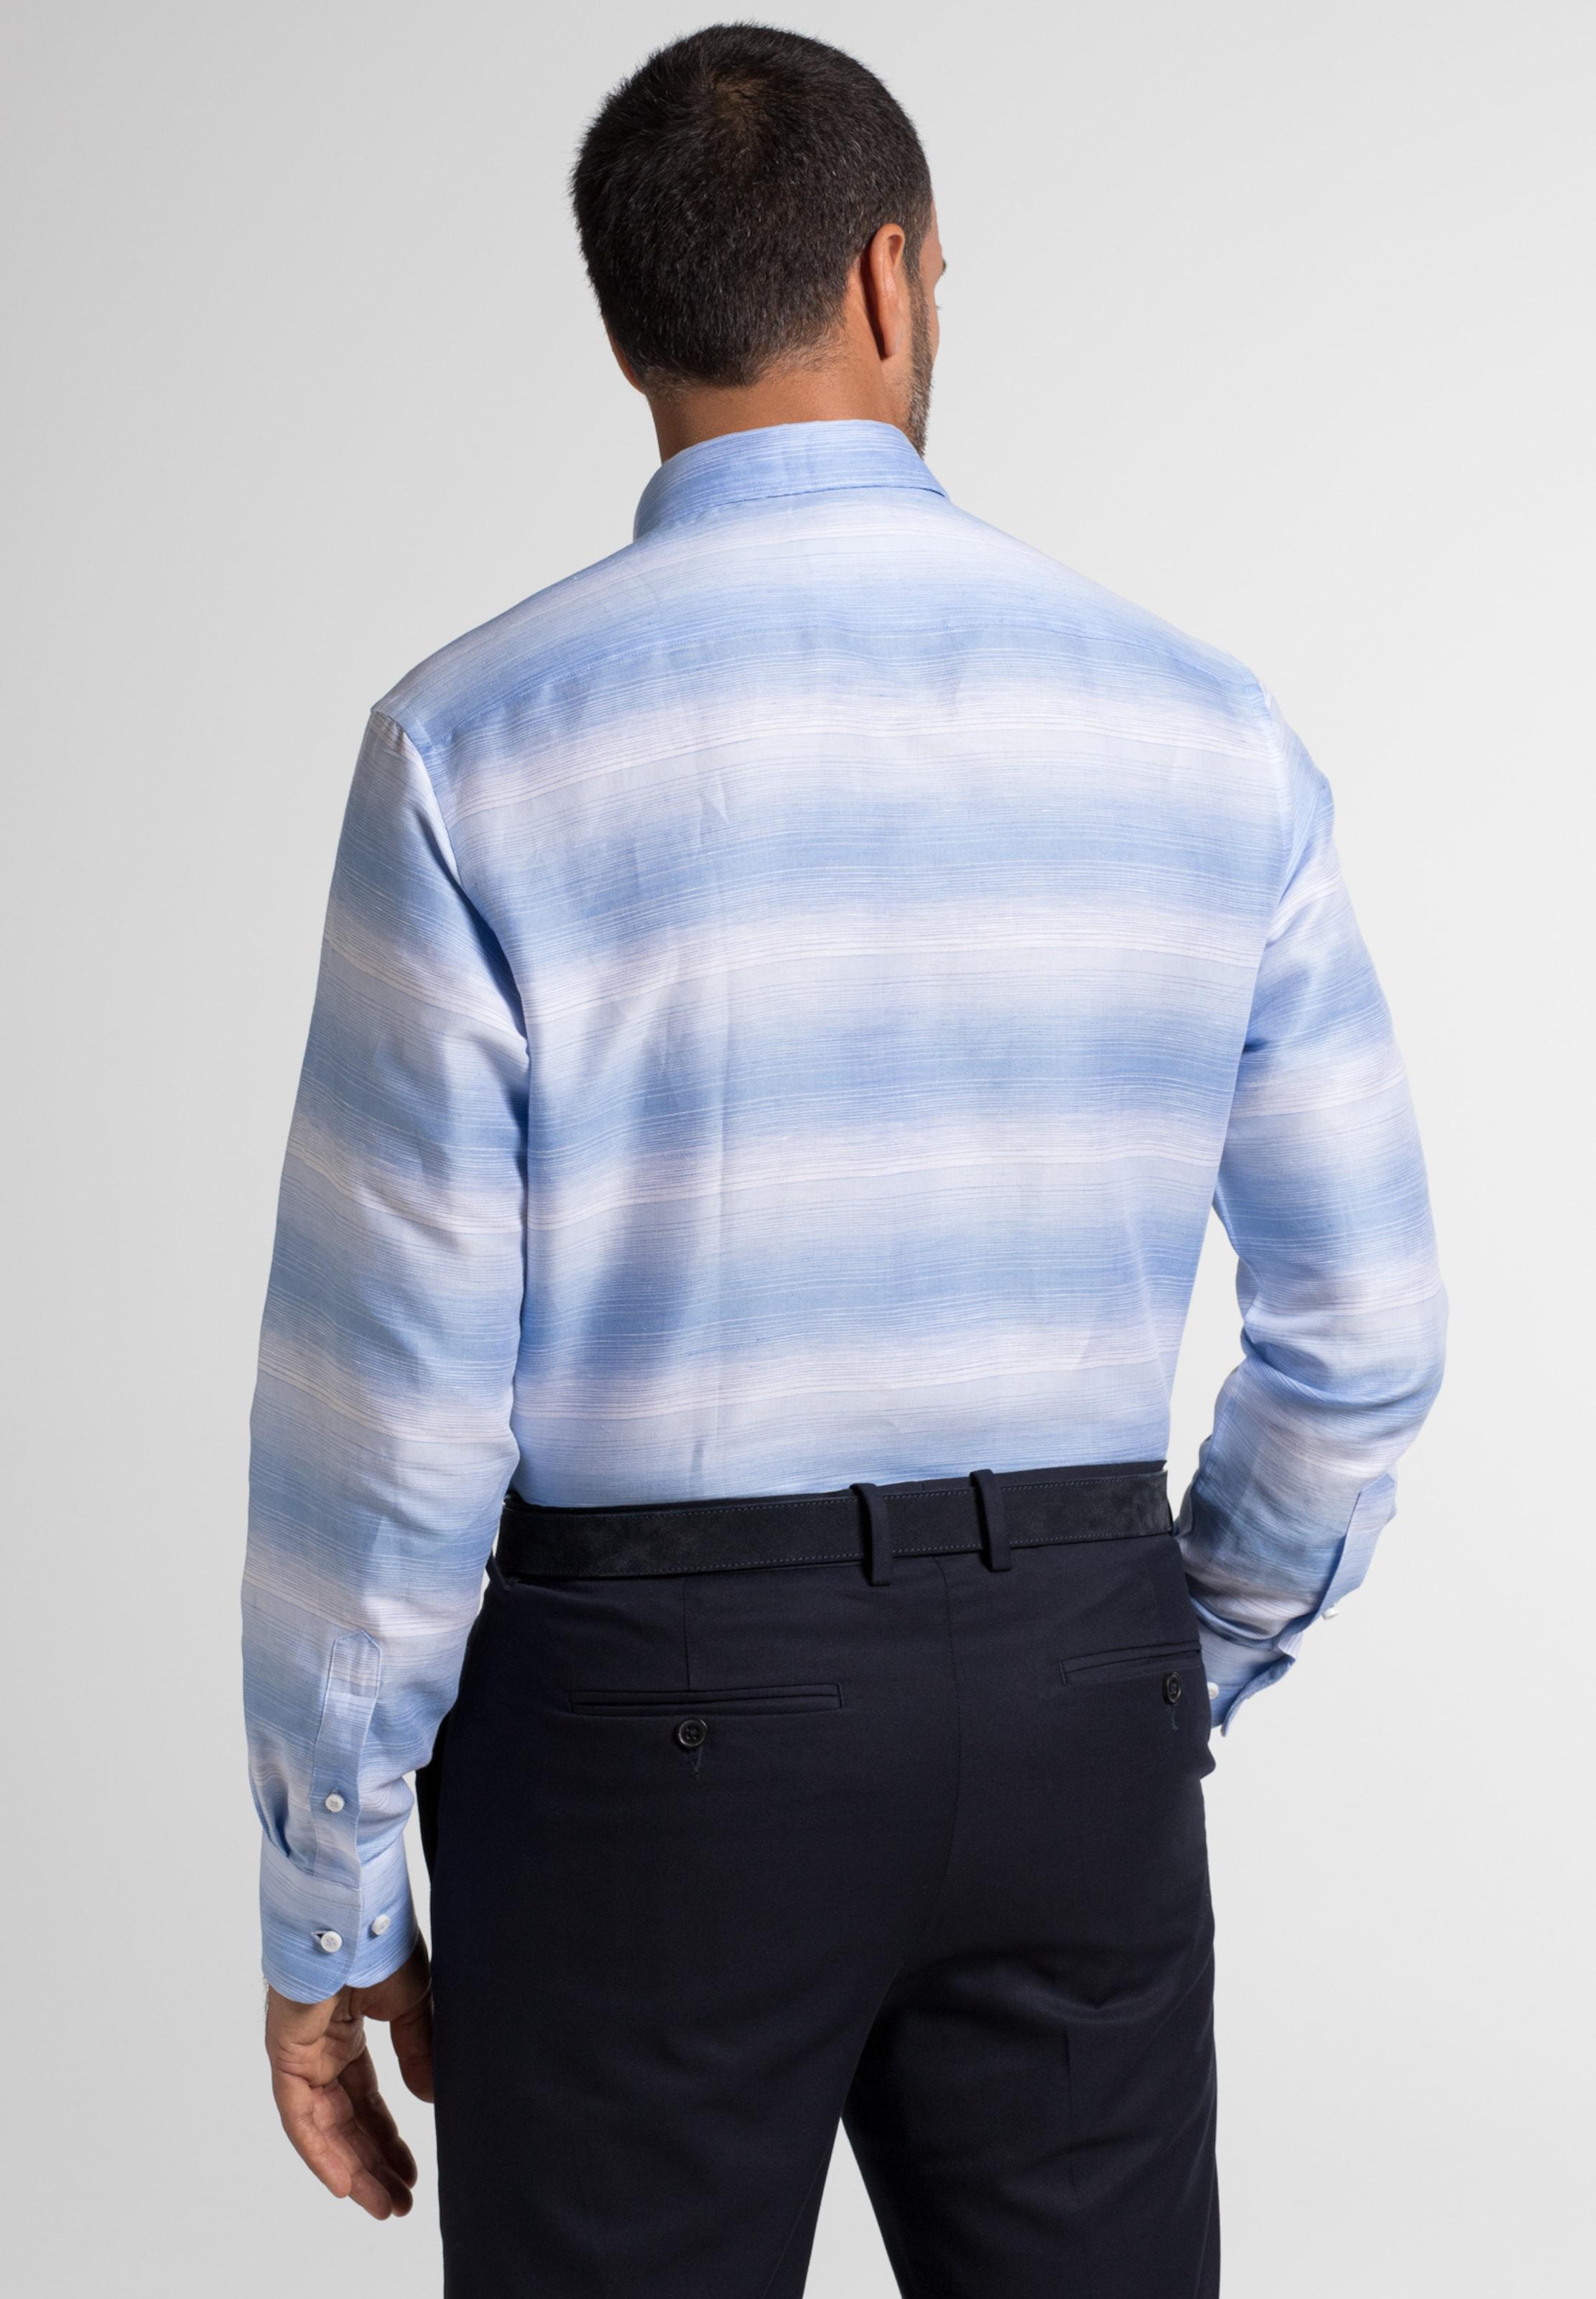 ETERNA Langarm Hemd MODERN FIT Verkauf 2018 Neue Verkauf Neueste 2018 Auslaß Zum Verkauf Footlocker Billig Beliebt zyzZcz